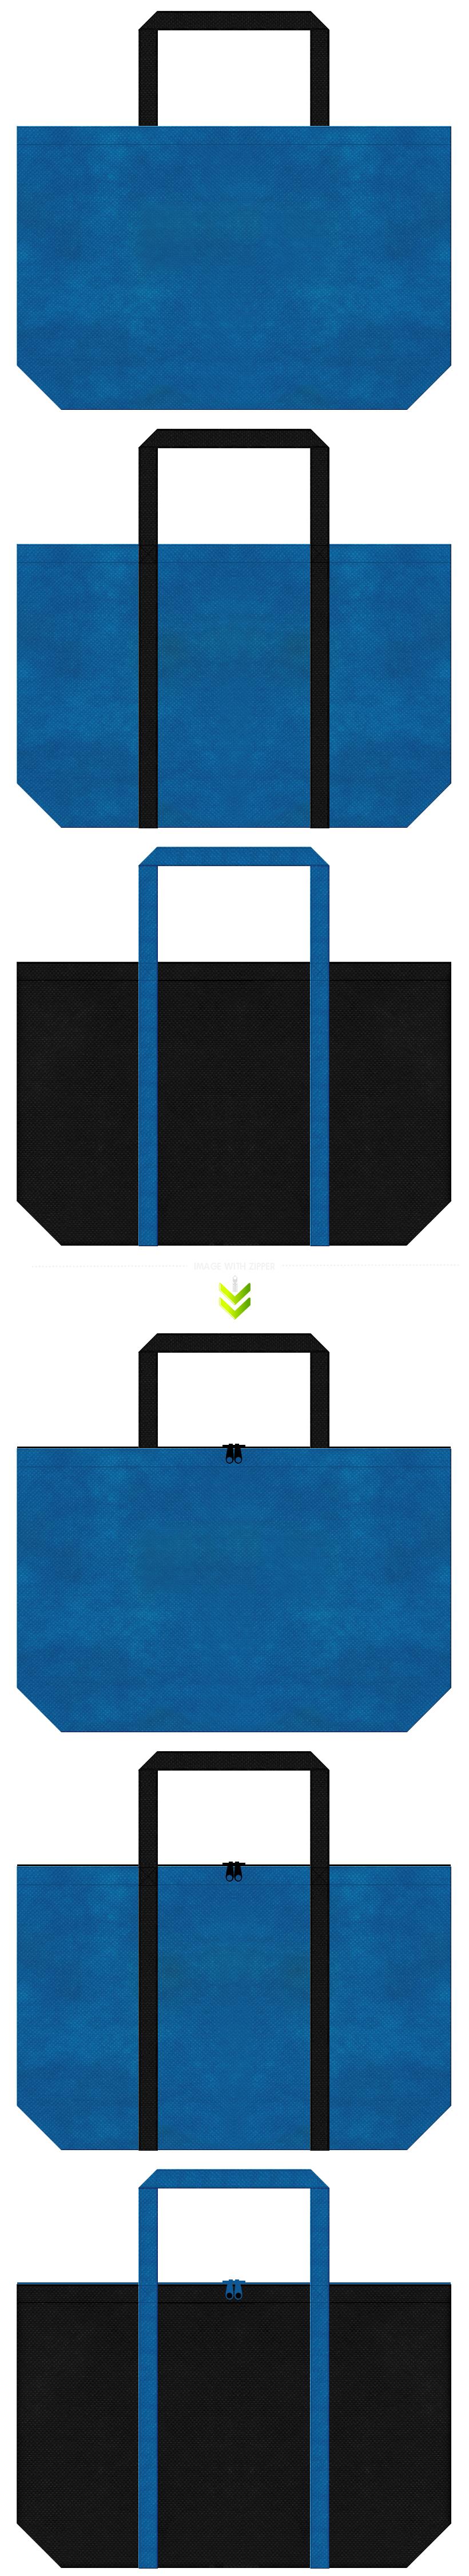 青色と黒色の不織布エコバッグのデザイン。